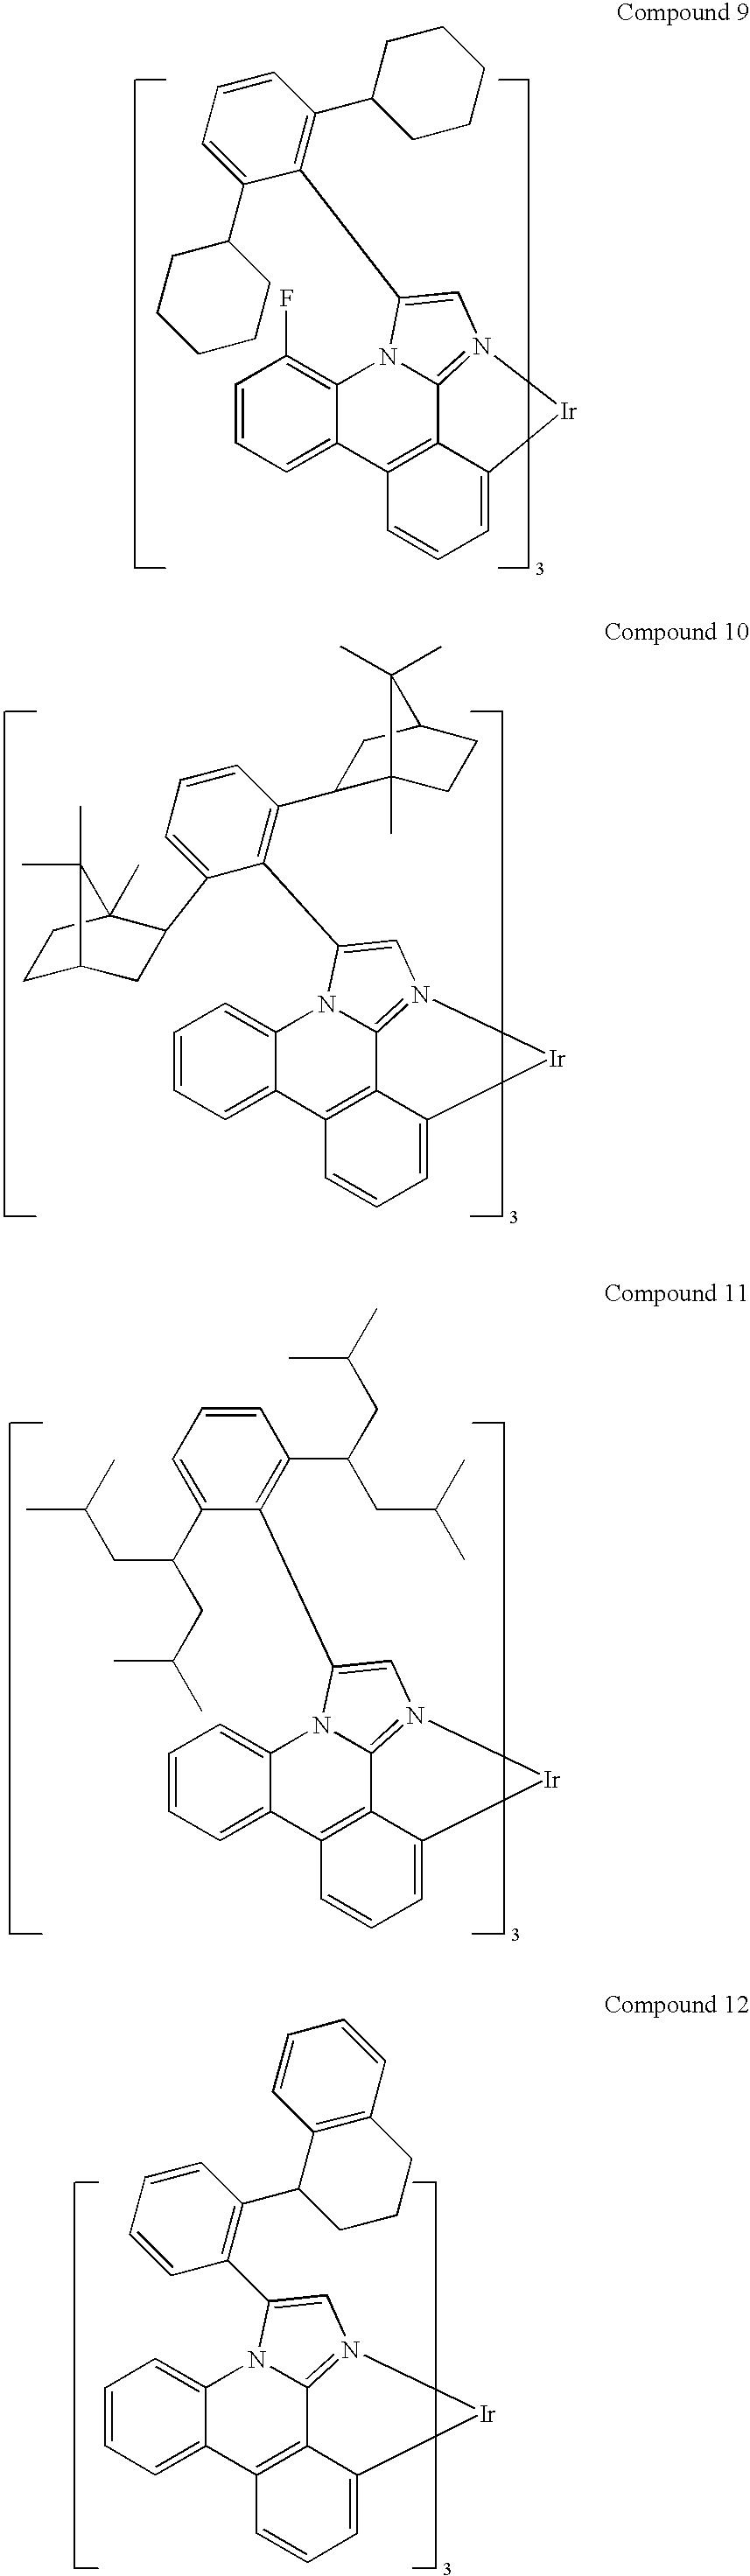 Figure US20100148663A1-20100617-C00019